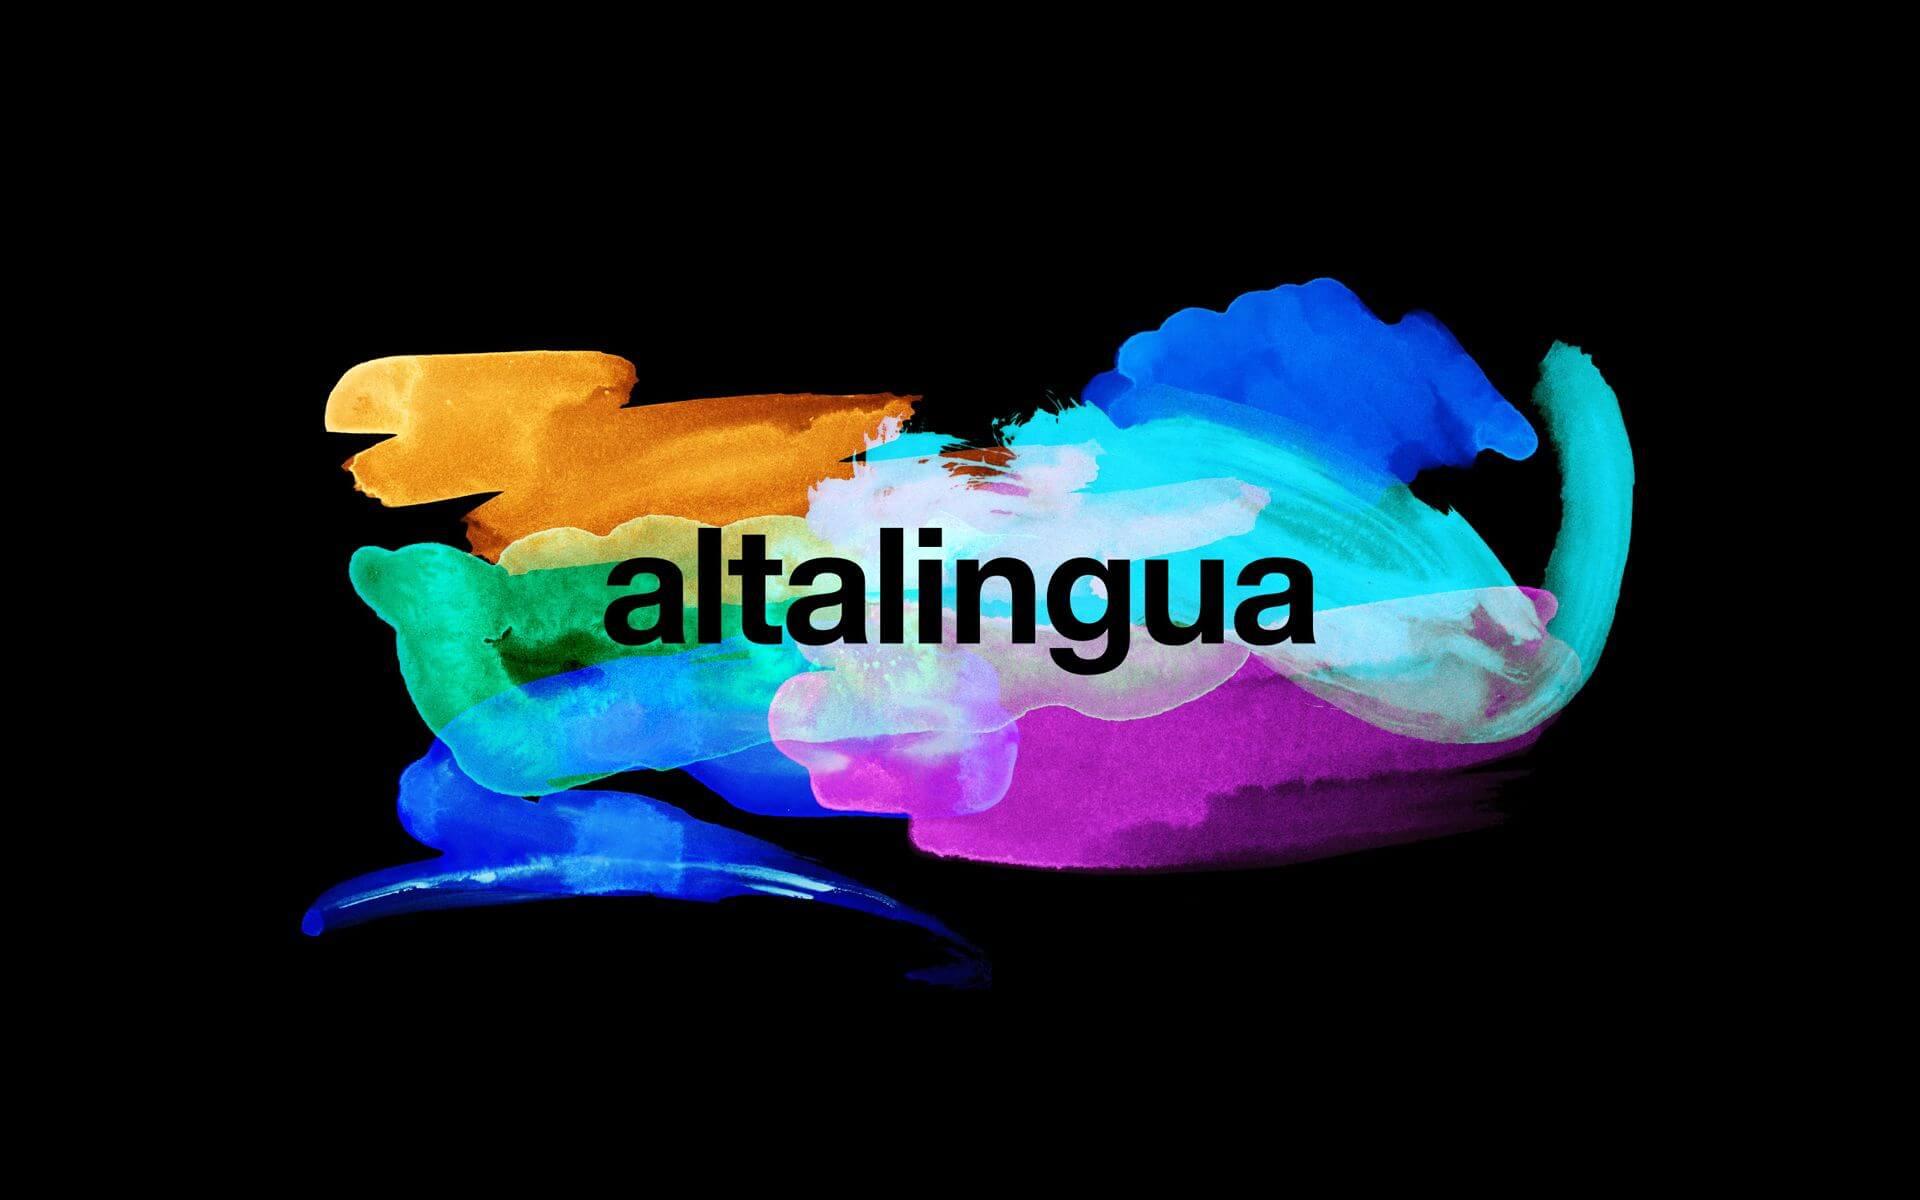 Sigla altalingua